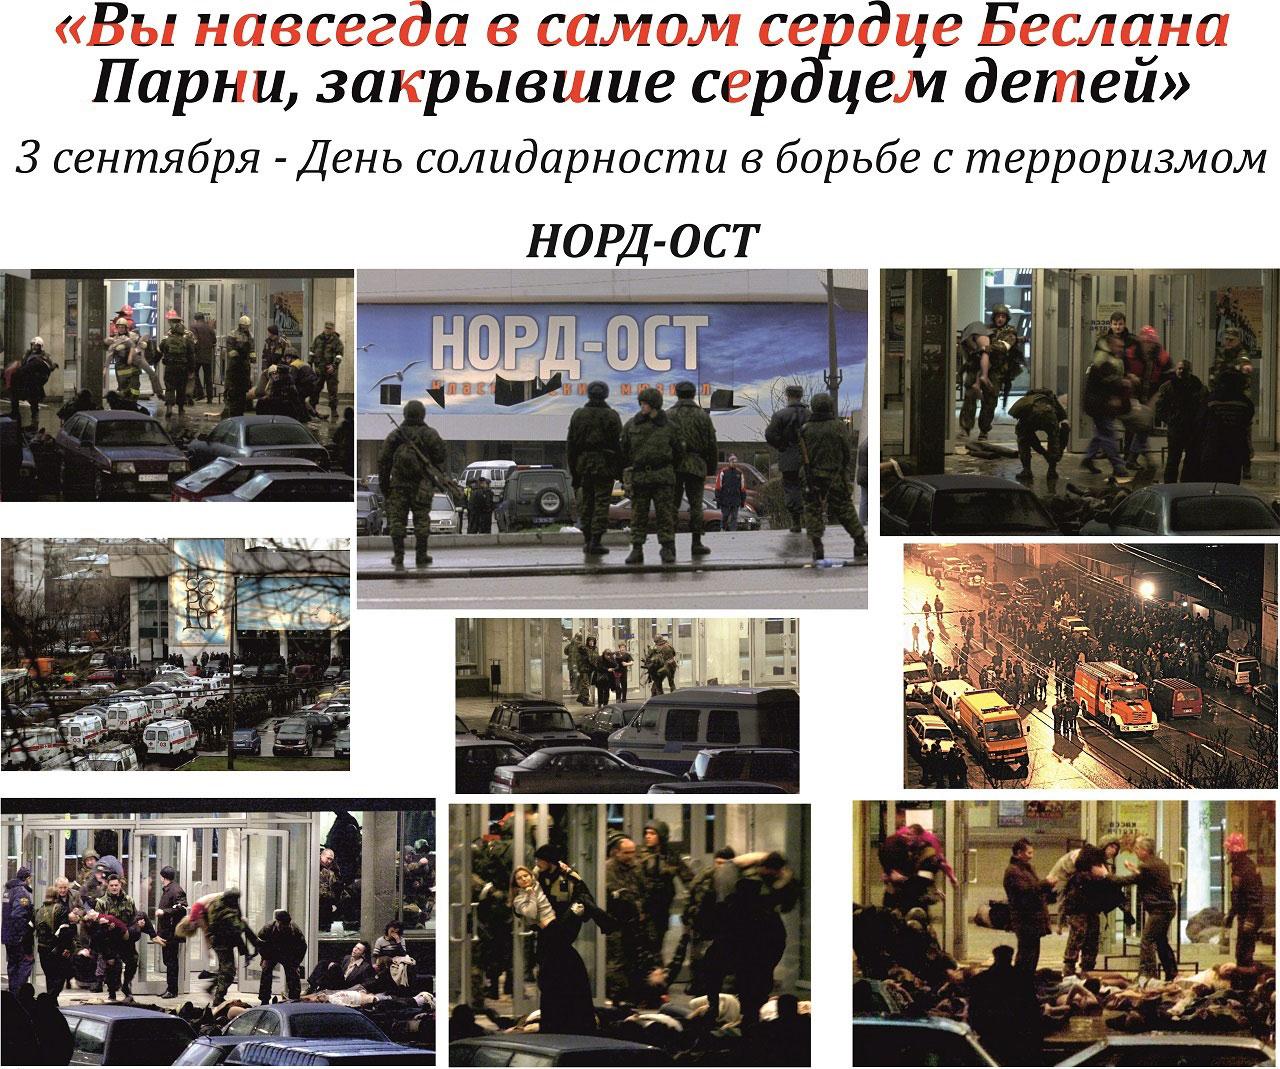 «Вы навсегда в самом сердце Беслана. Парни, закрывшие сердцем детей»  3 сентября – День солидарности в борьбе с терроризмом.  На этих снимках, представленных Вашему вниманию, фотографии сотрудников спецназа «Альфа», «Вымпел» во время проведения спецопераций по освобождению заложников в Буденновске, Норд-Осте, Беслане.